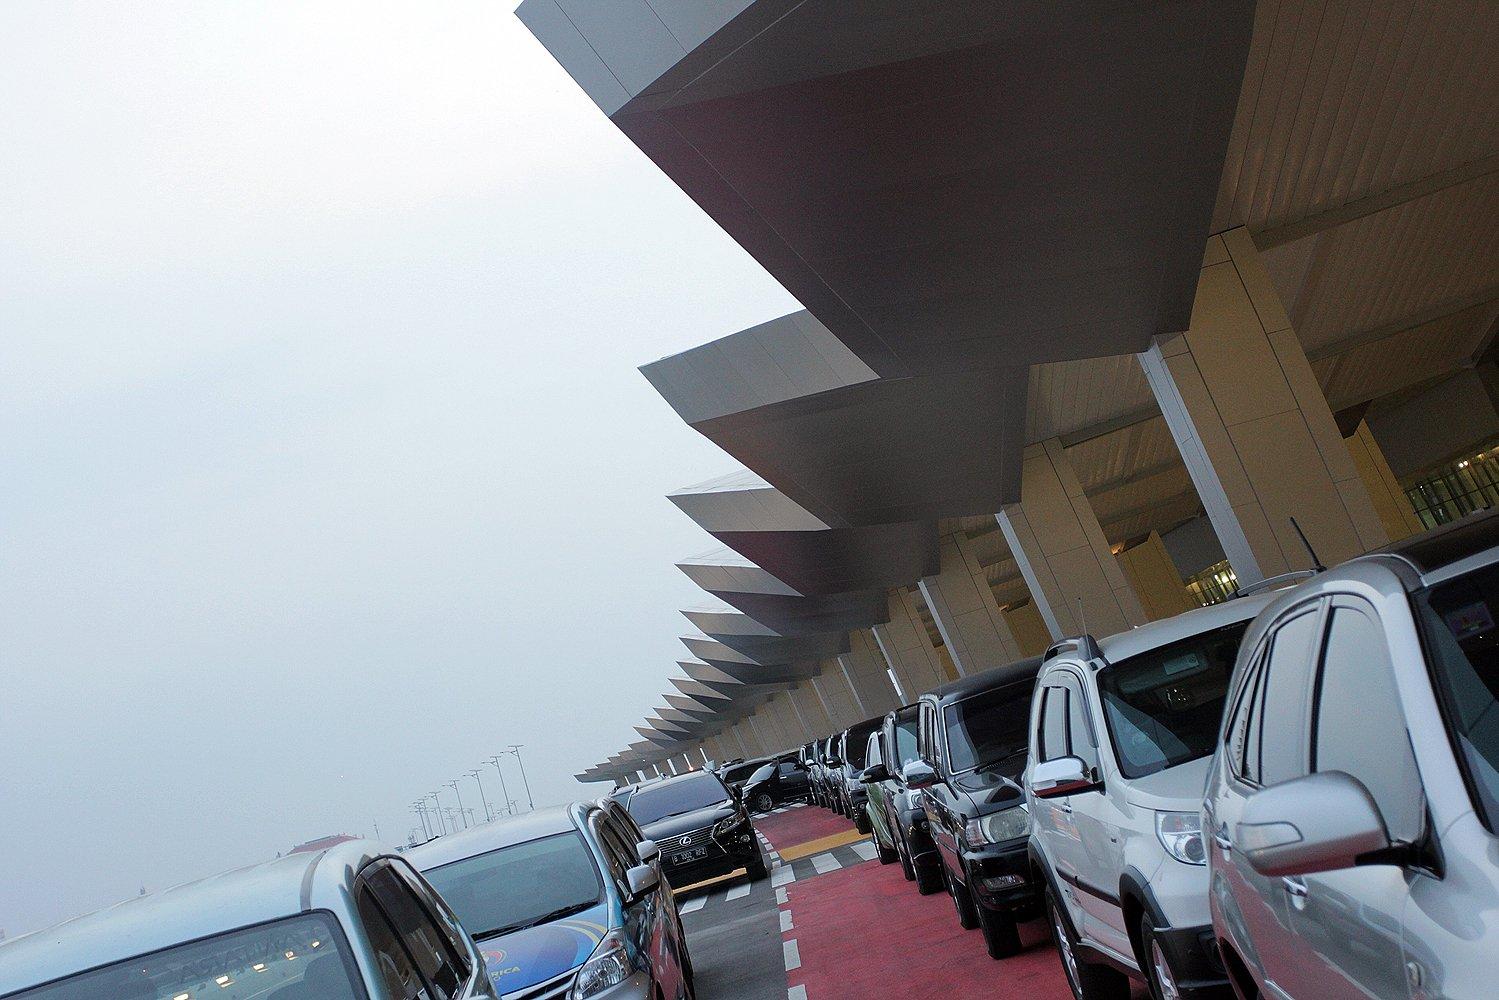 Terminal III Ultimate ini dilengkapi jaringan transportasi monorel, yang akan memutar dan menghubungkan dengan terminal-terminal lainnya.